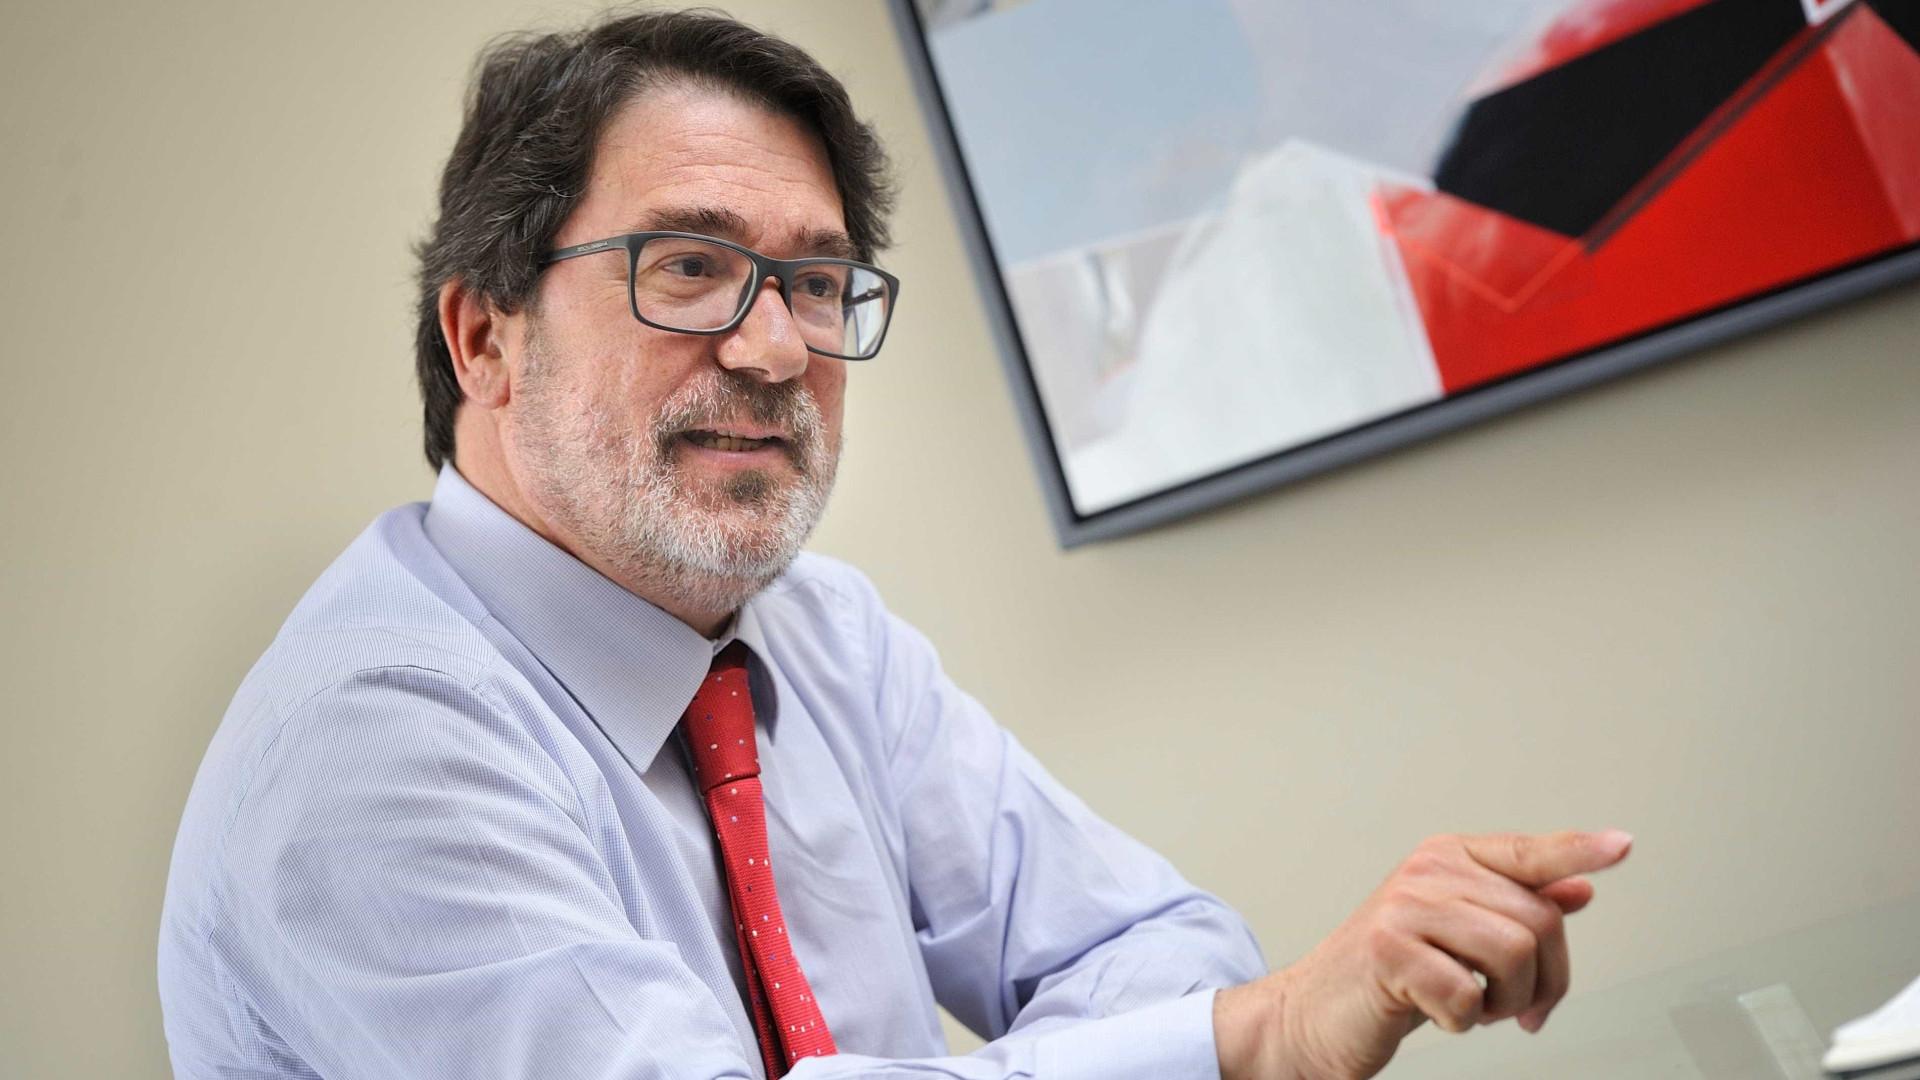 Bastonário da Ordem dos Advogados defende redução das custas judiciais